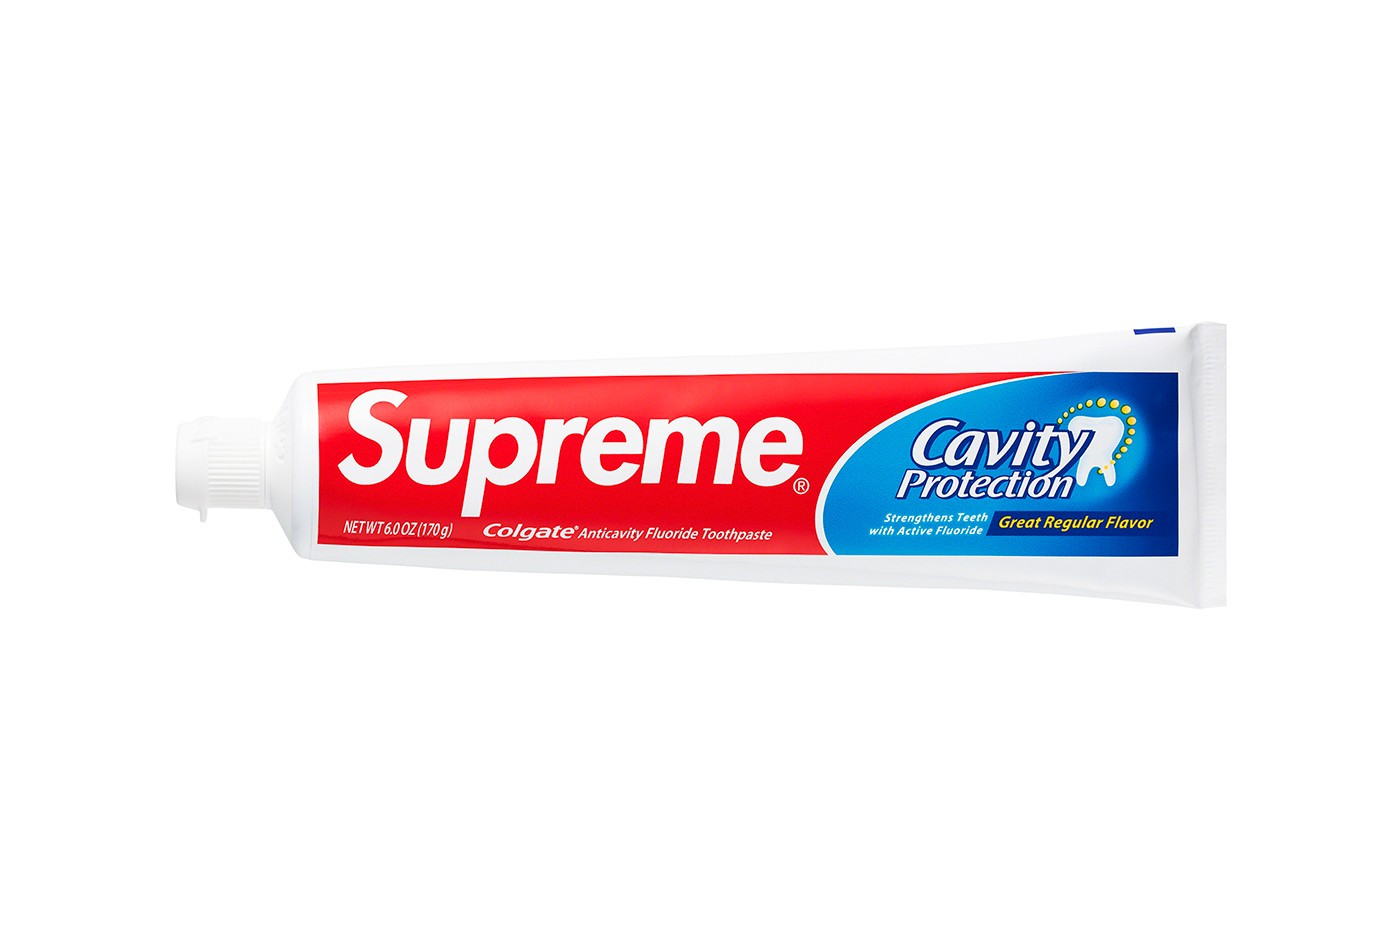 Supreme x Colgate dentifricio